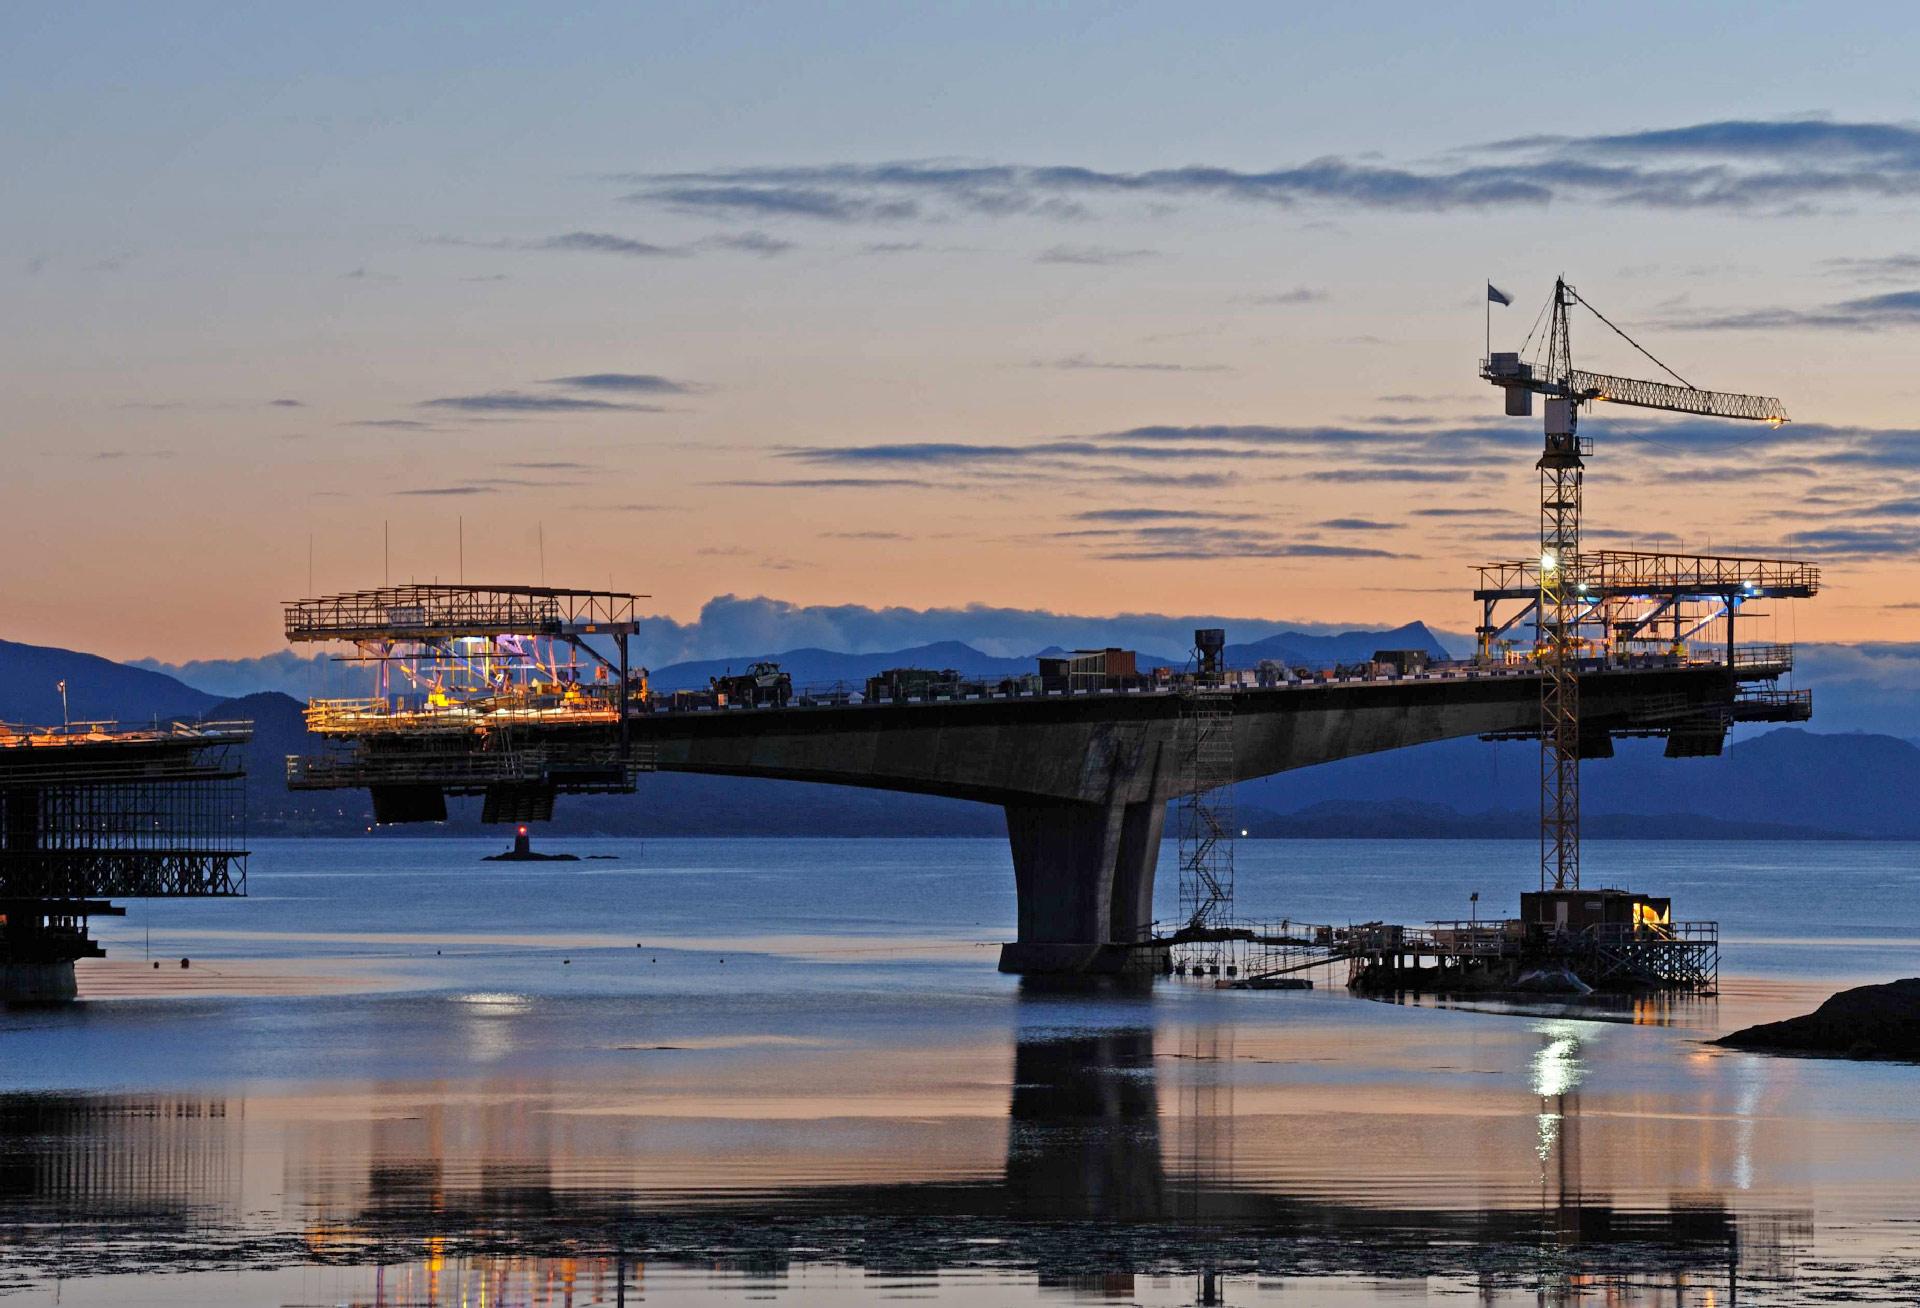 Designing new bridges